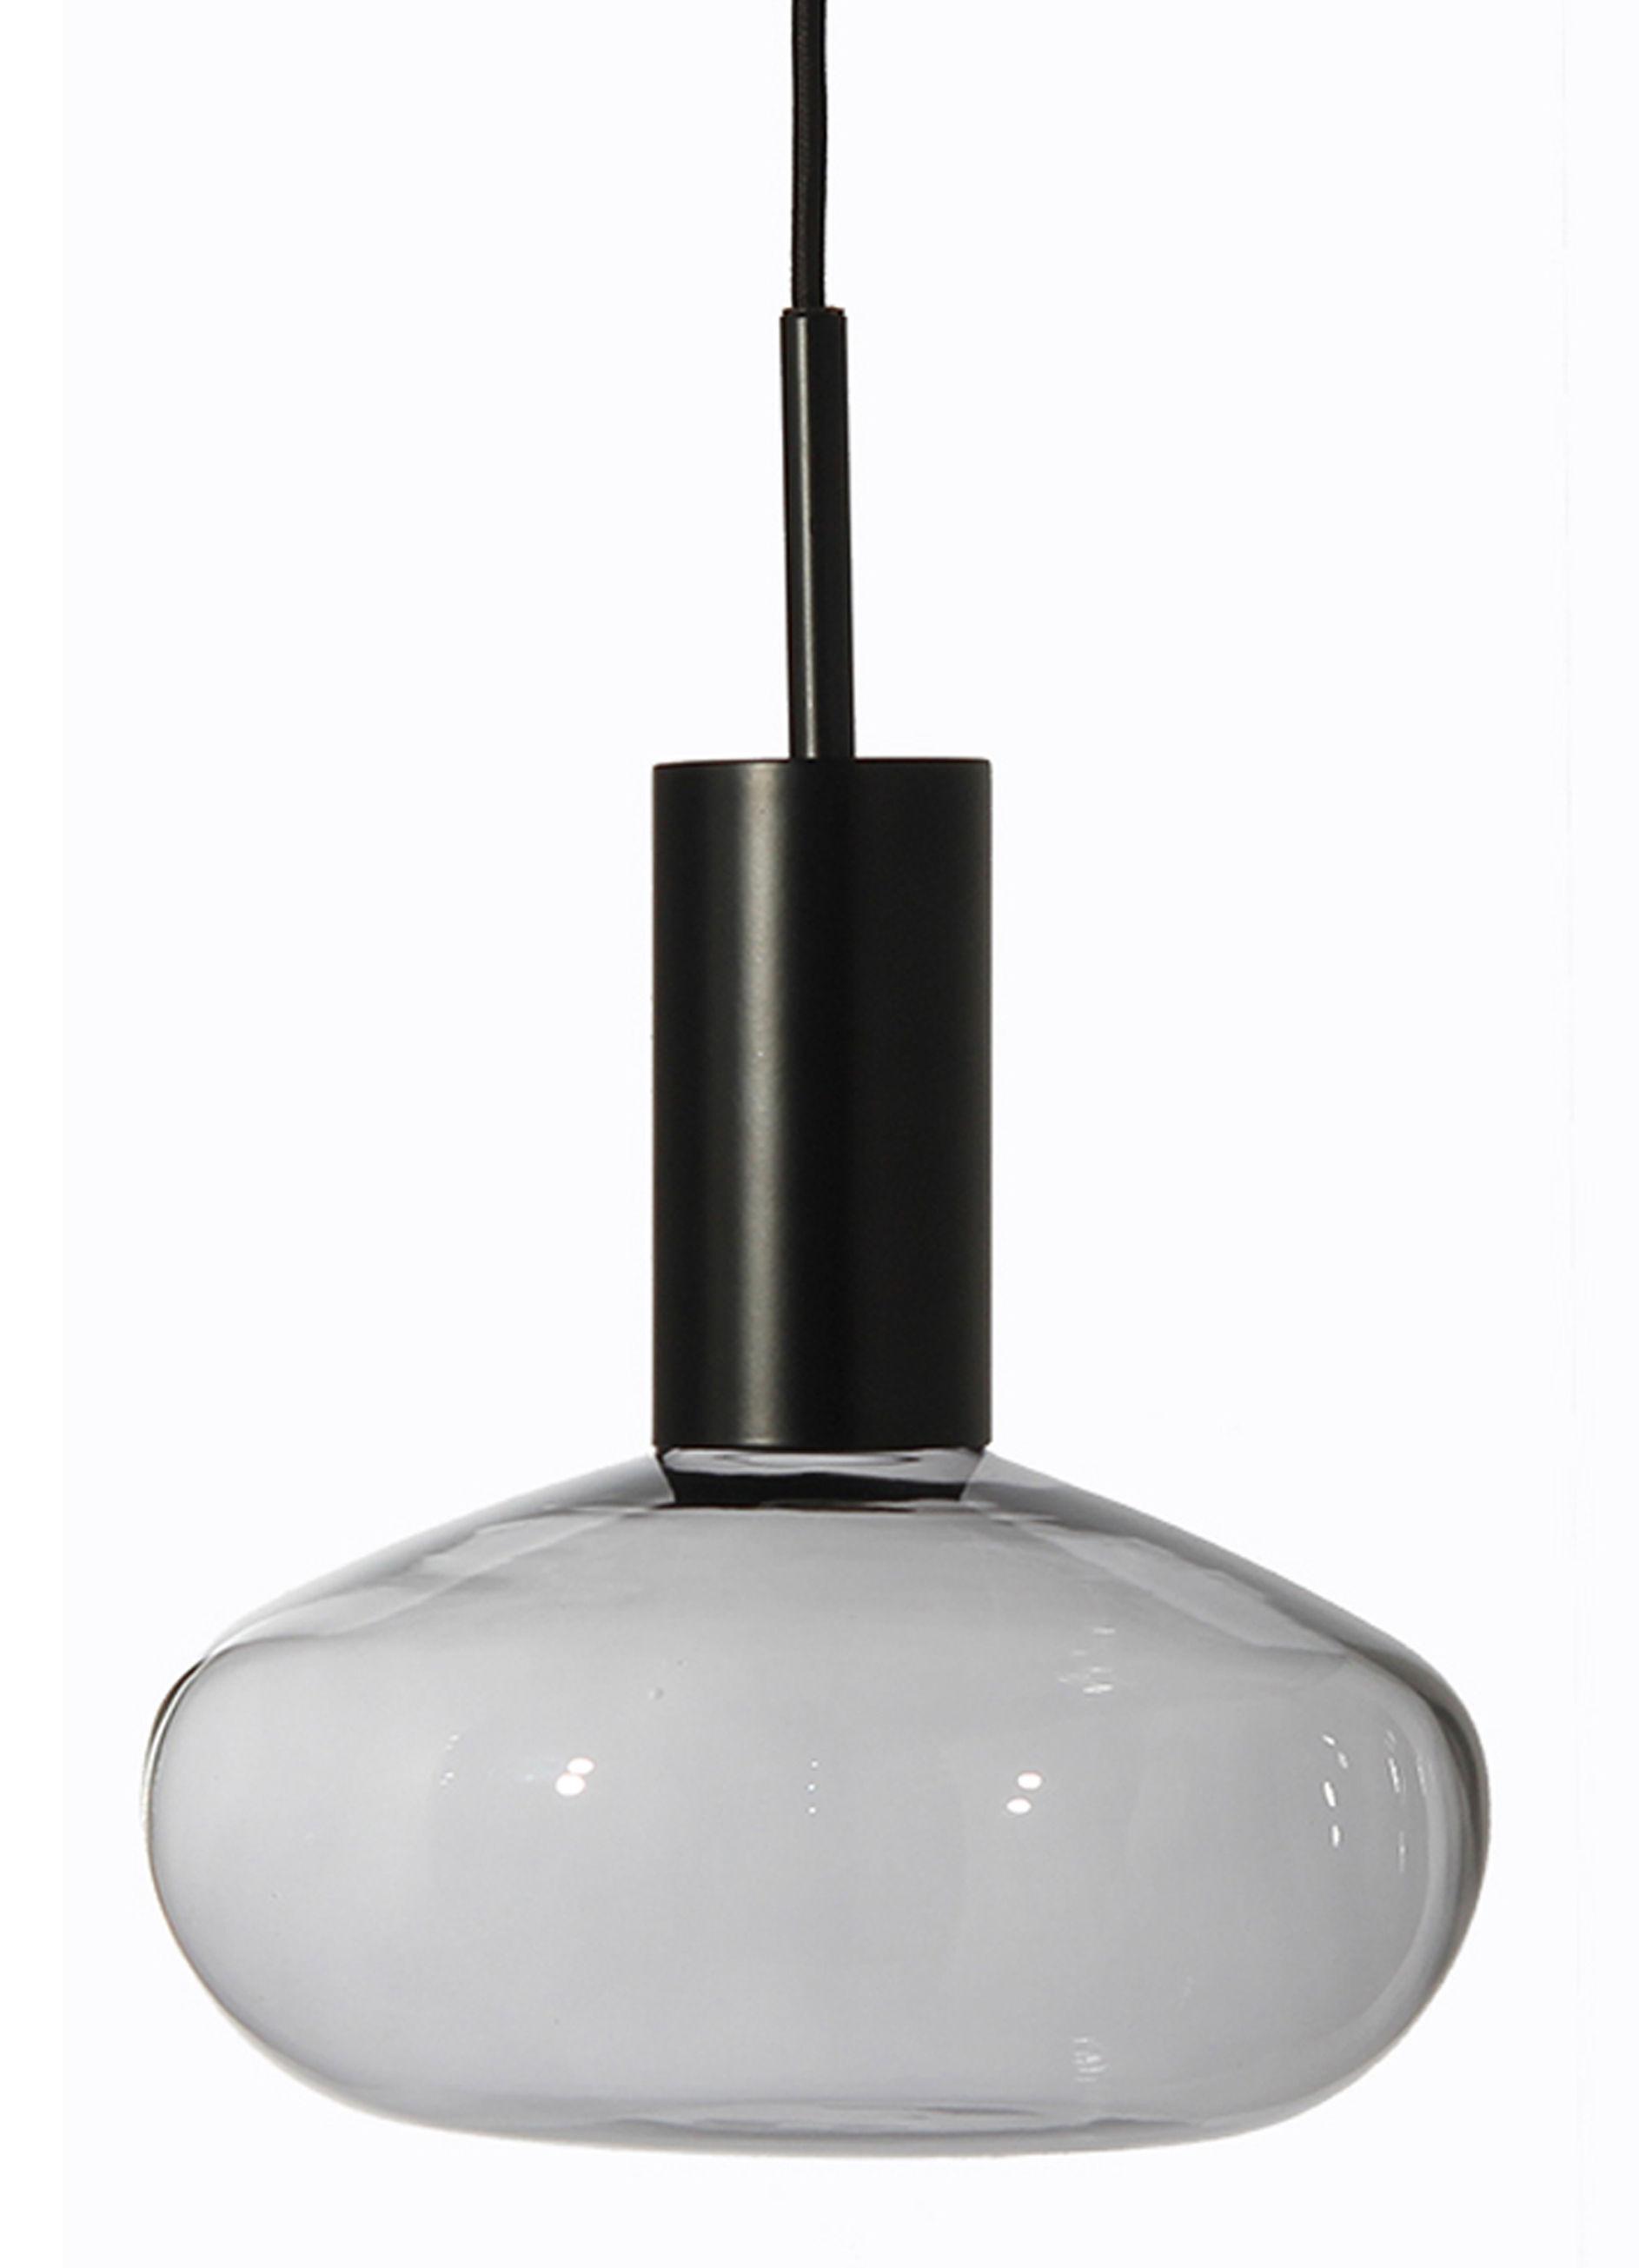 Luminaire - Suspensions - Suspension Gambi / Verre soufflé - Structure noire - ENOstudio - Verre transparent / Noir - Acier, Verre soufflé